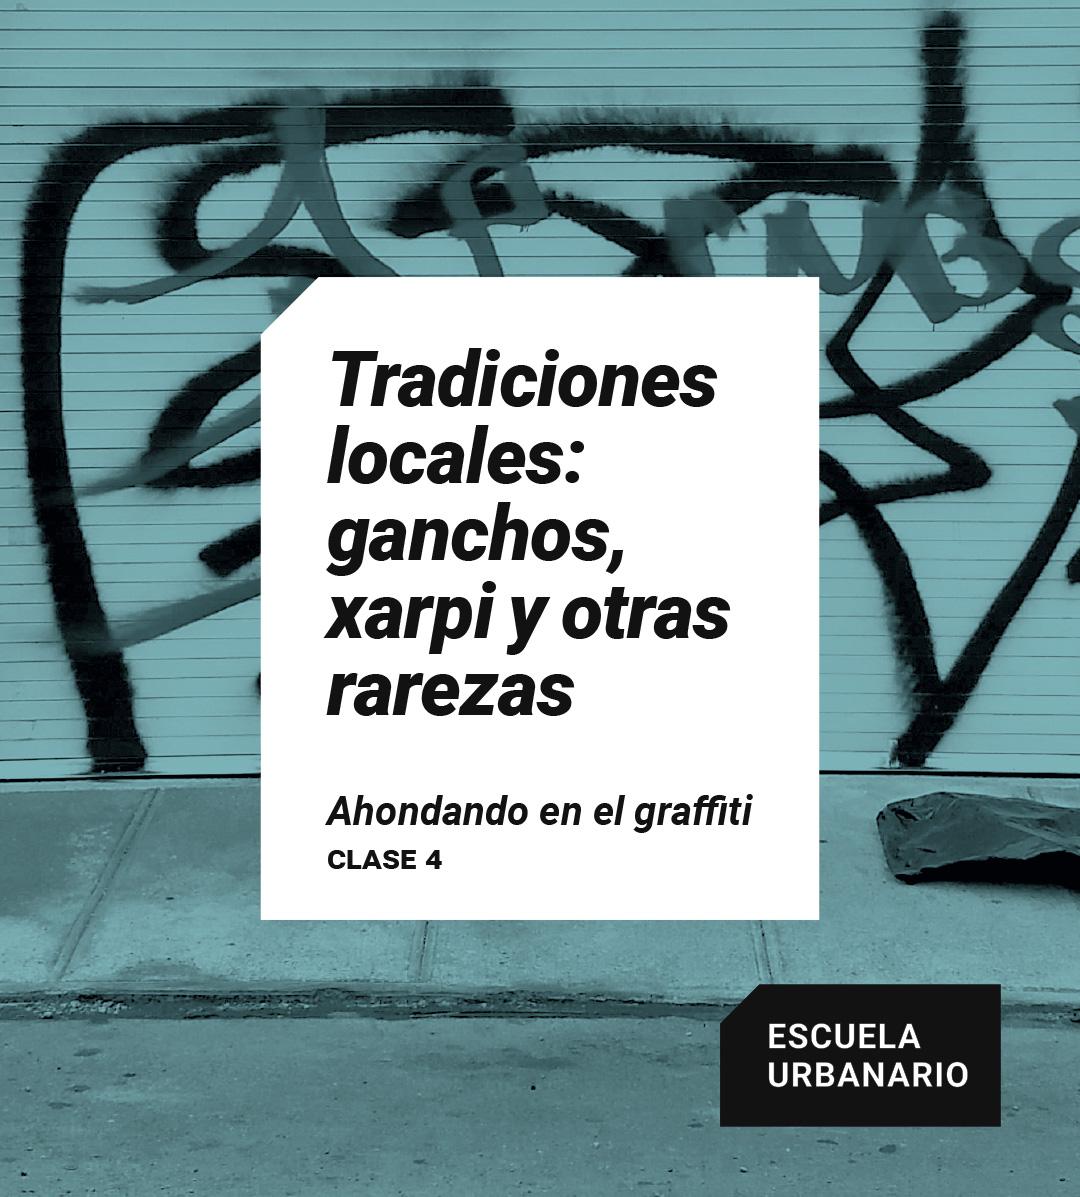 Tradiciones locales